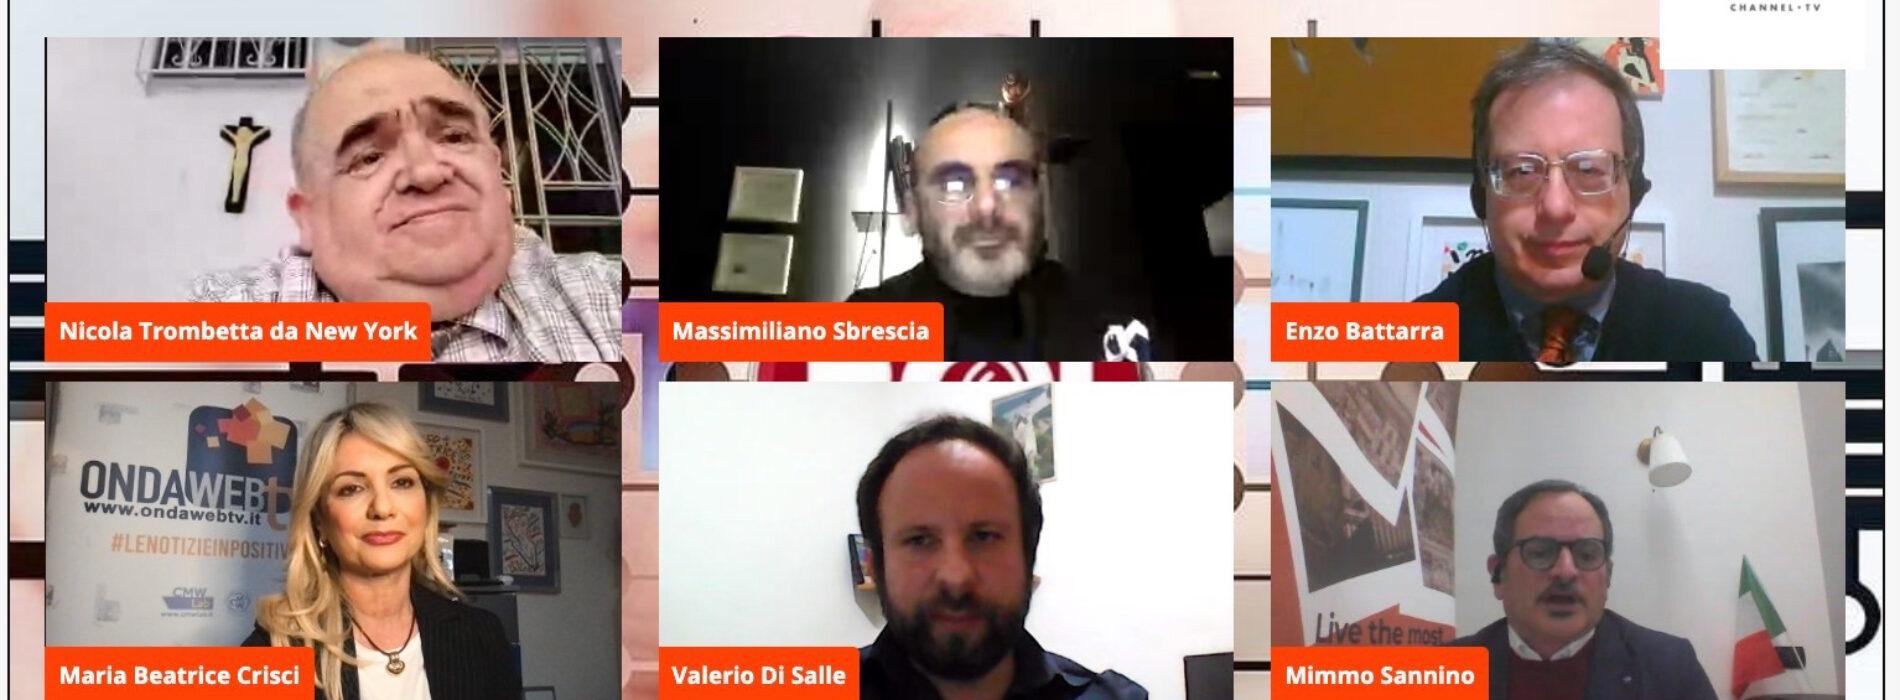 RoiTv, il canale web per gli emigranti che è un ponte culturale